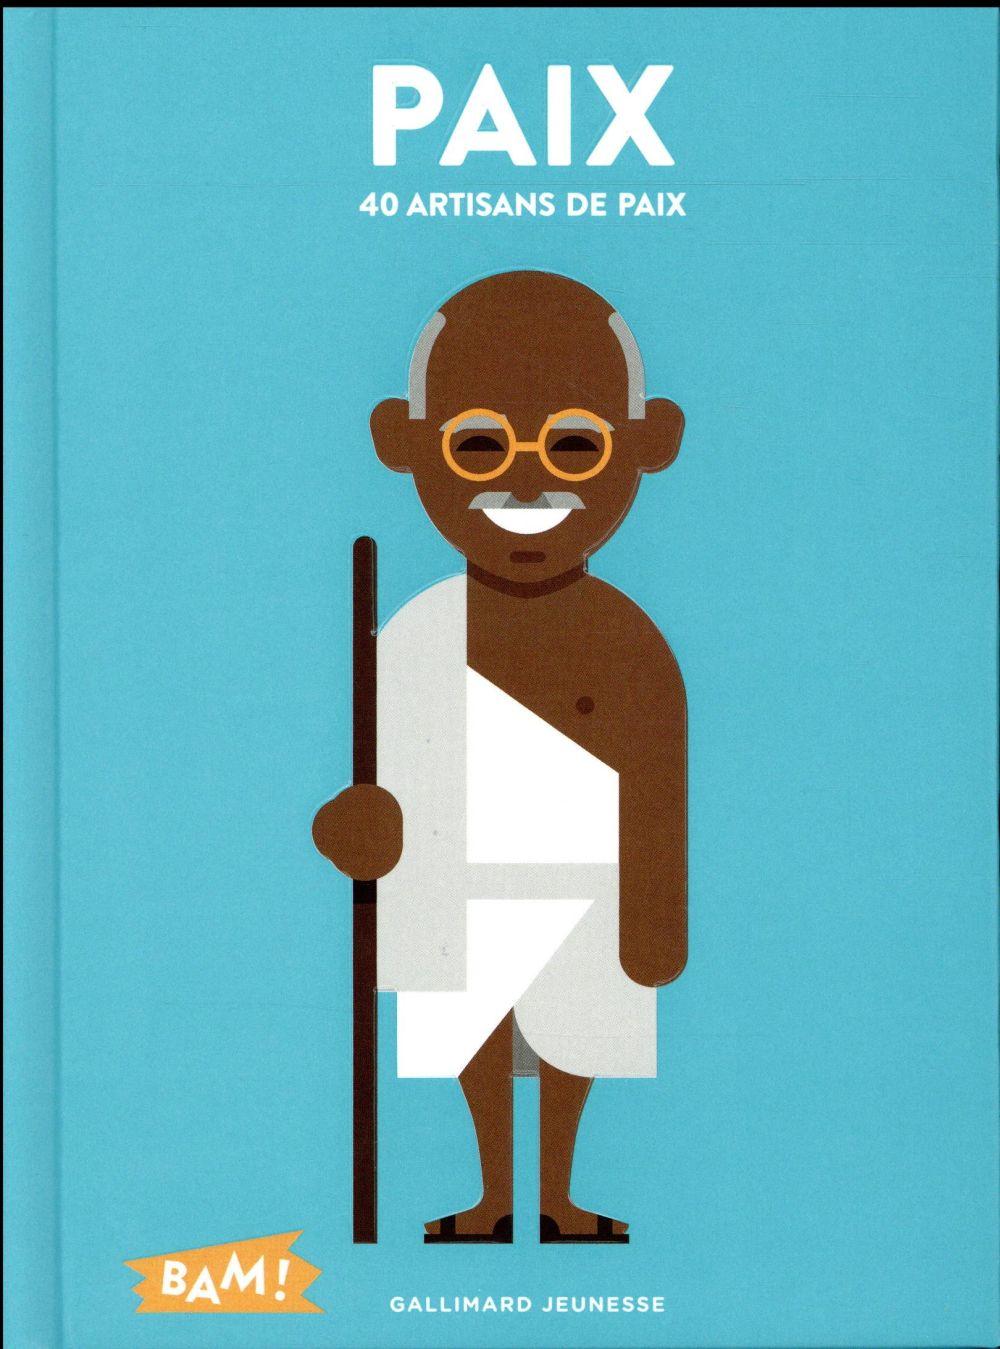 PAIX - 40 ARTISANS DE PAIX